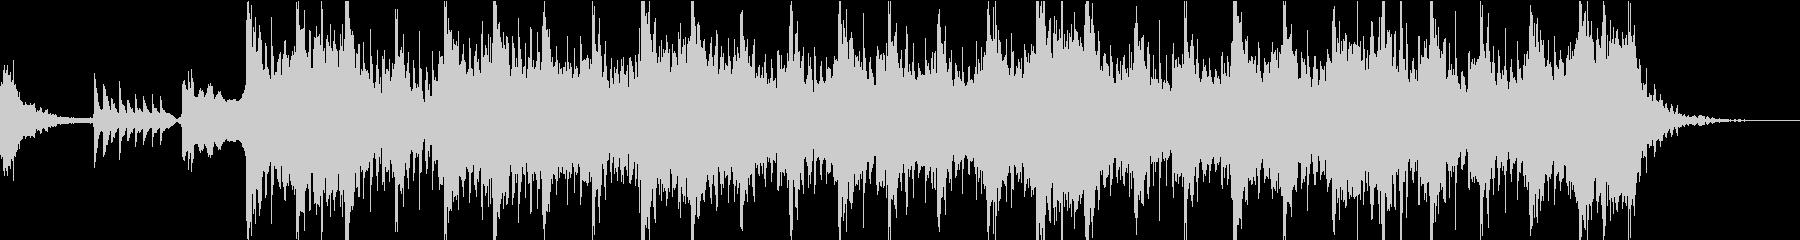 尺八と和太鼓のお祭りジングルの未再生の波形